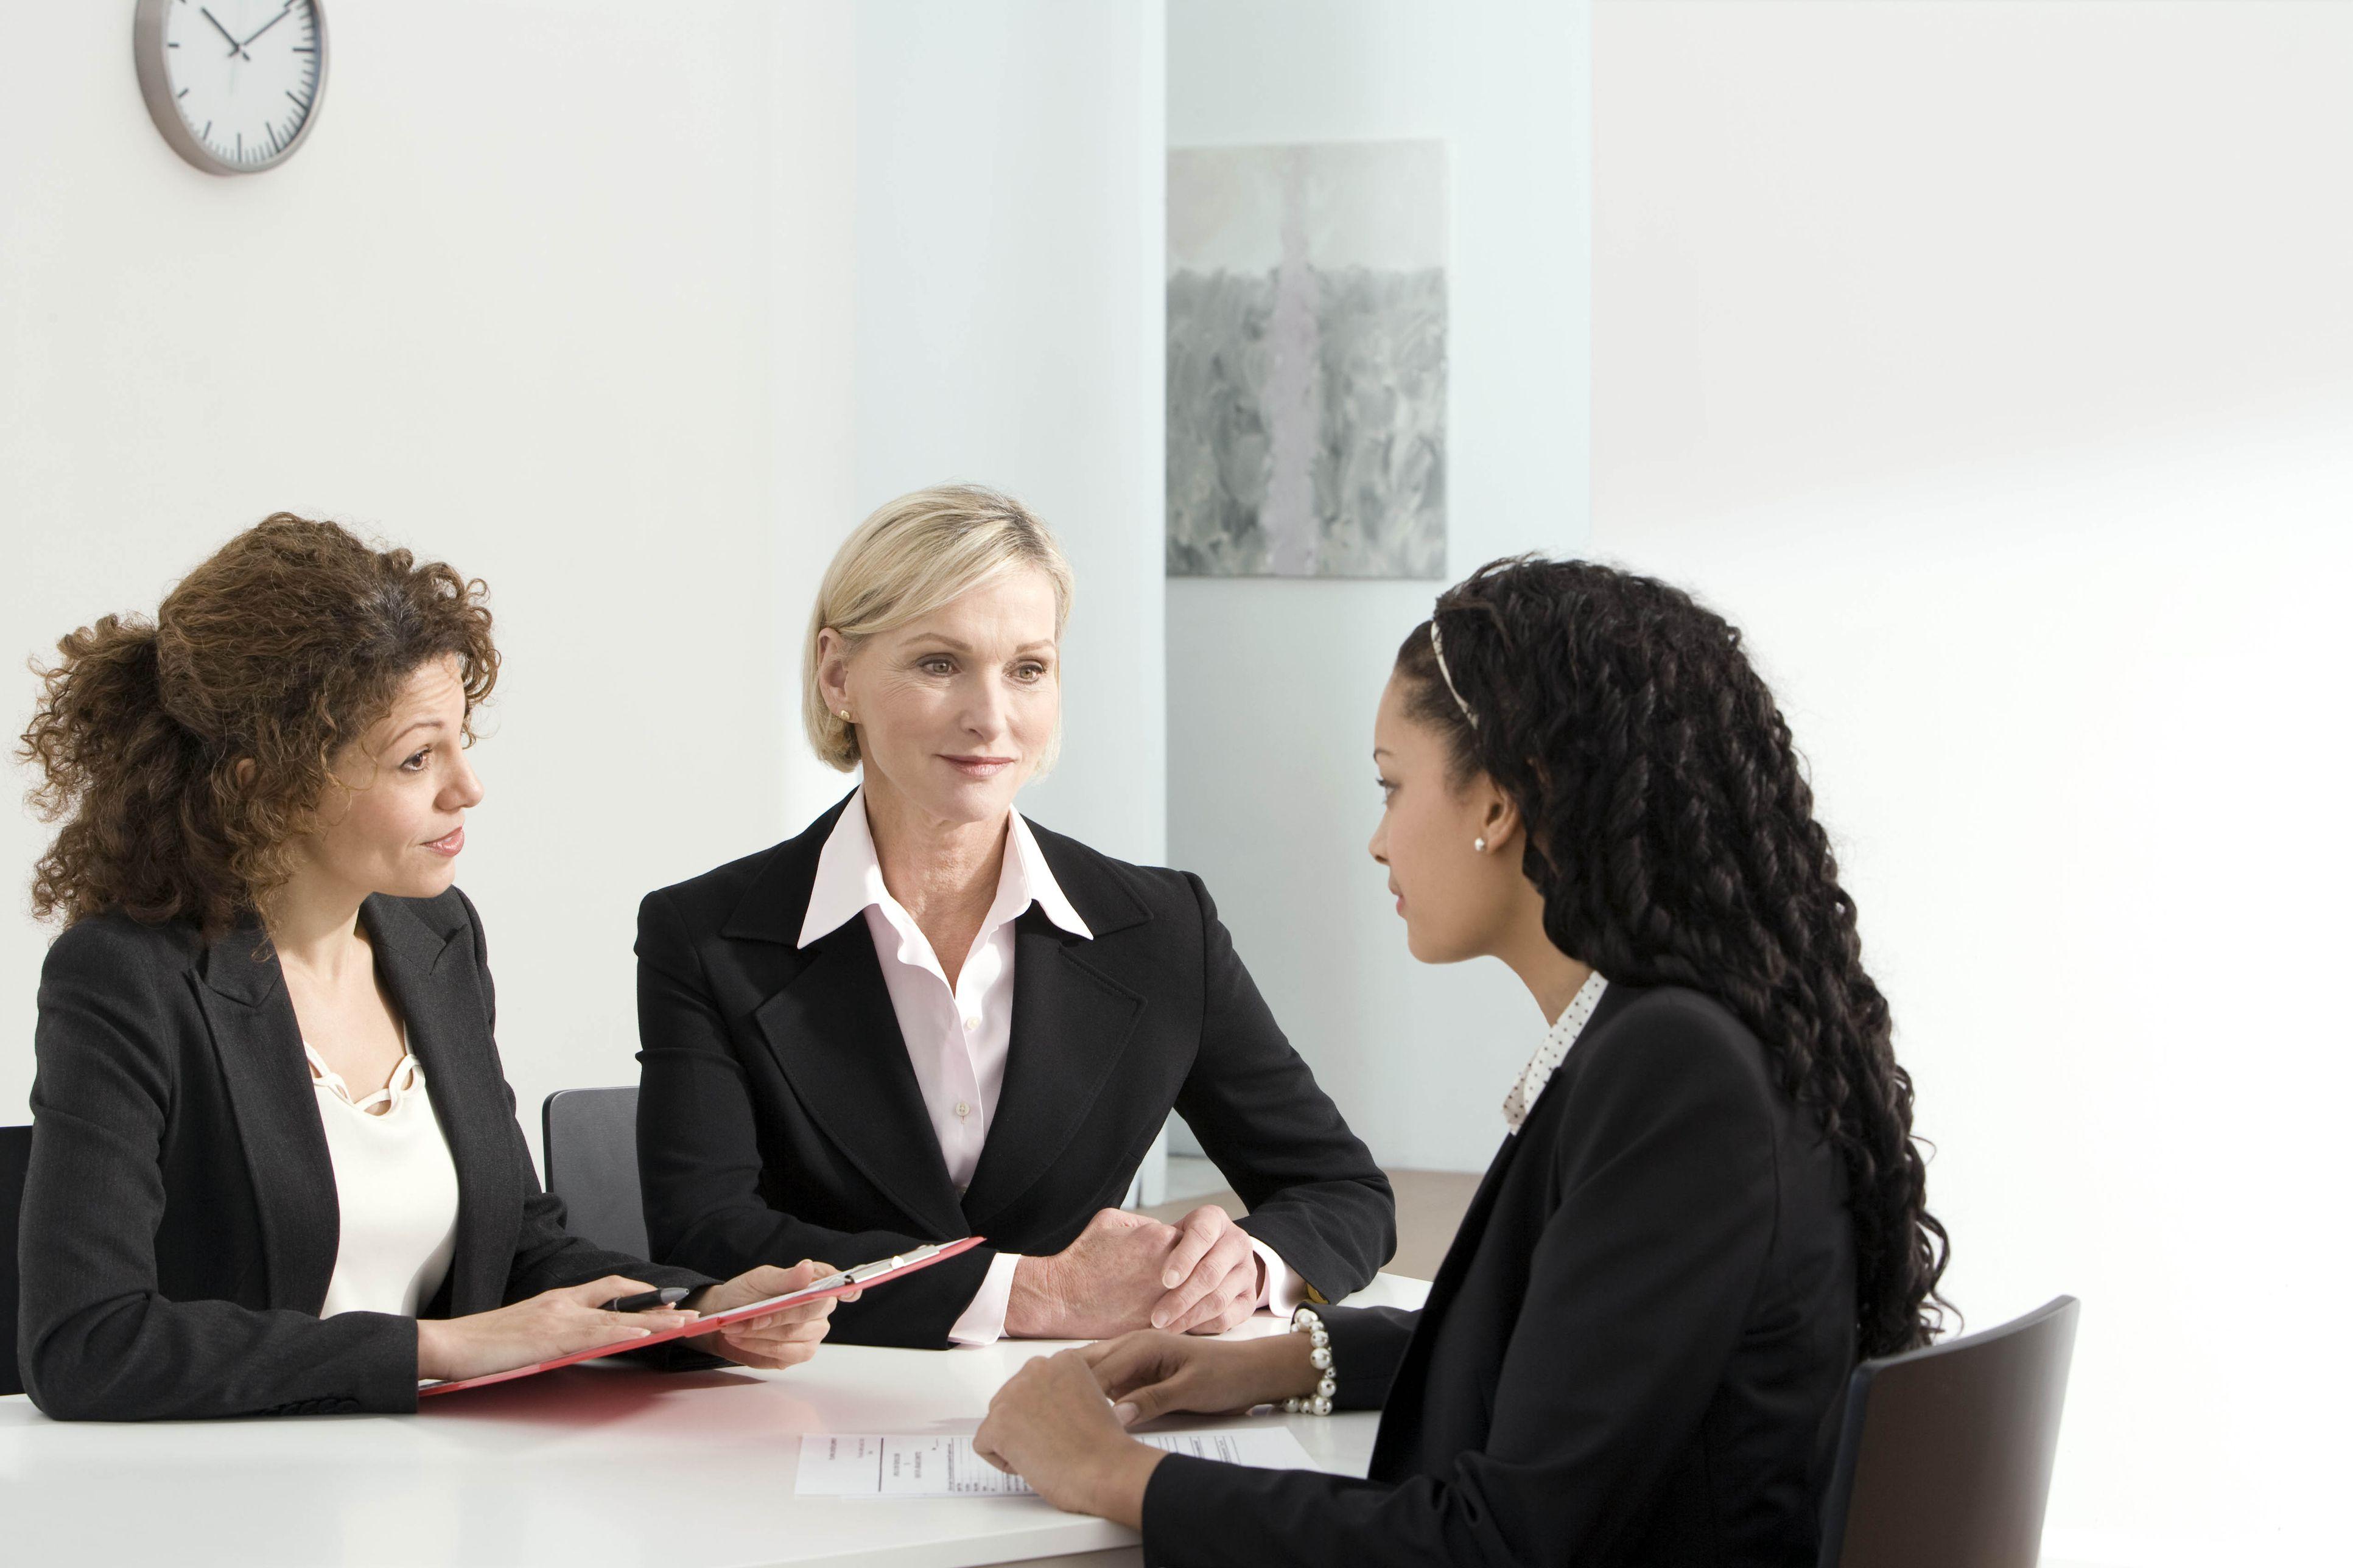 teenager job interview